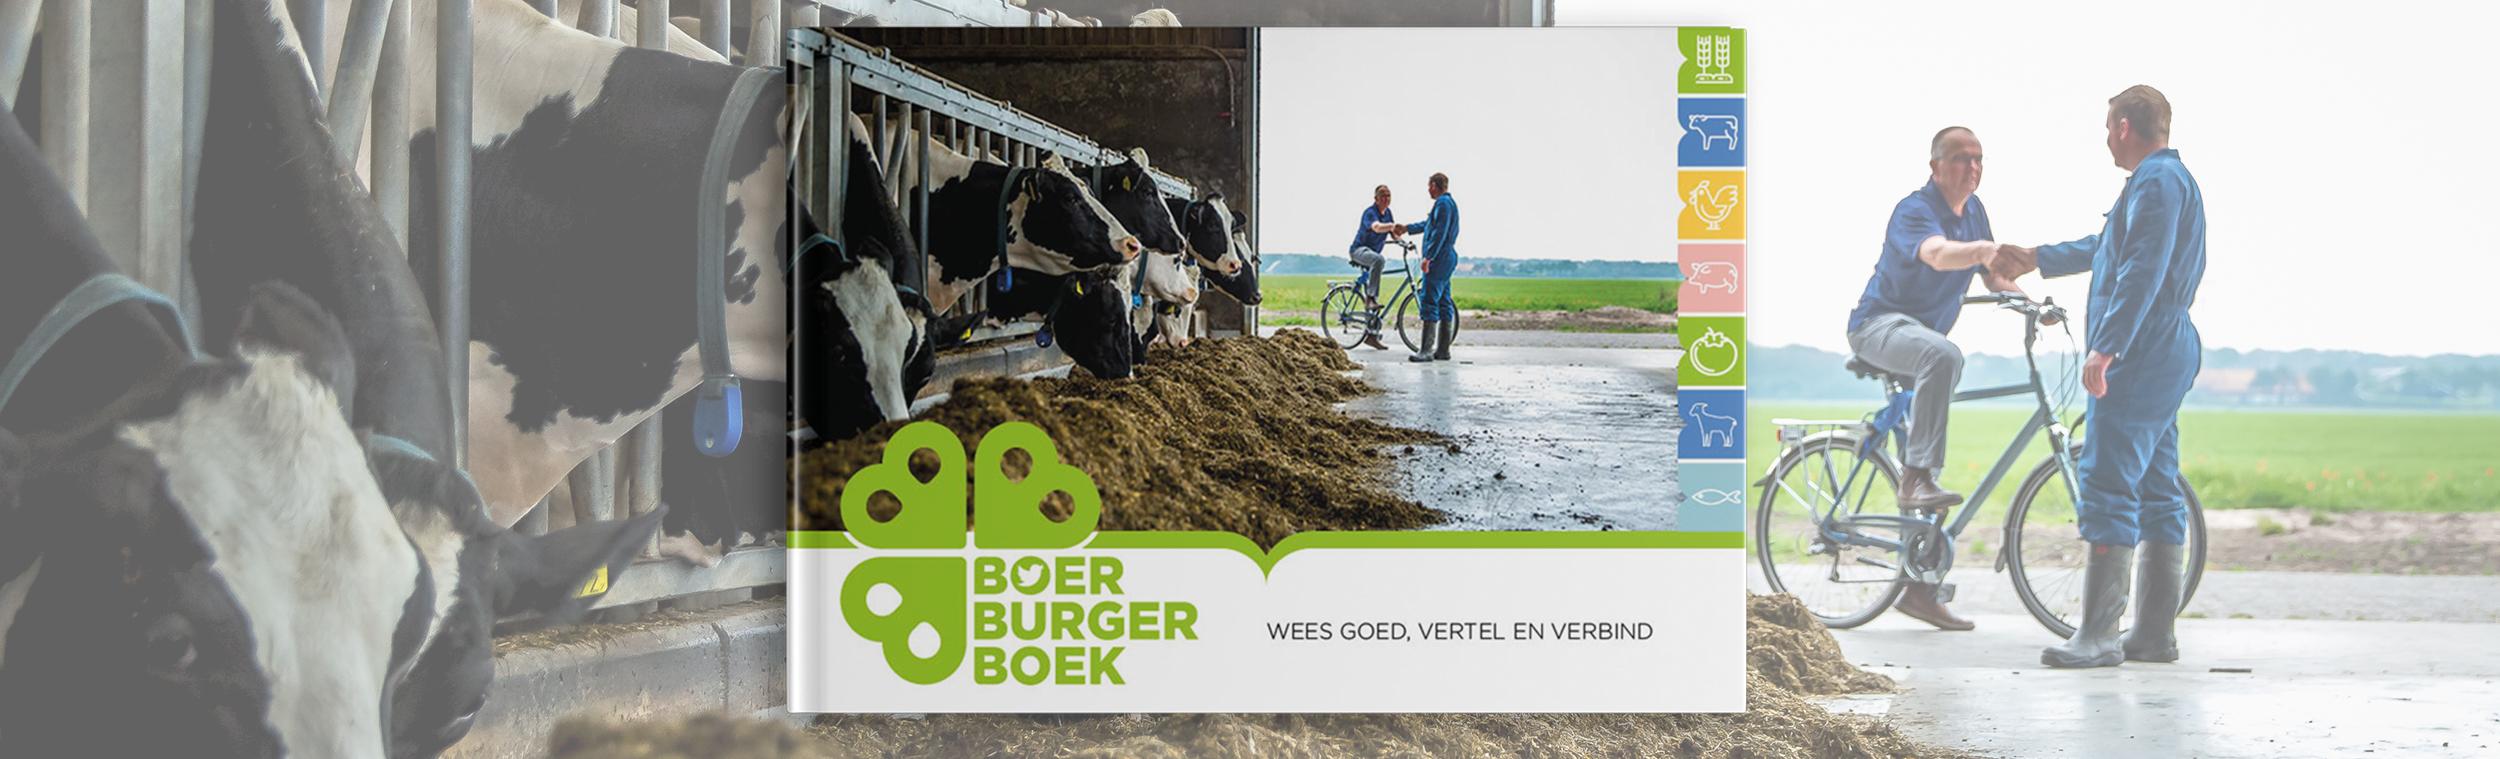 ReMarkAble_Website_Nieuwe_Portfolio_BoerBurgerBoek